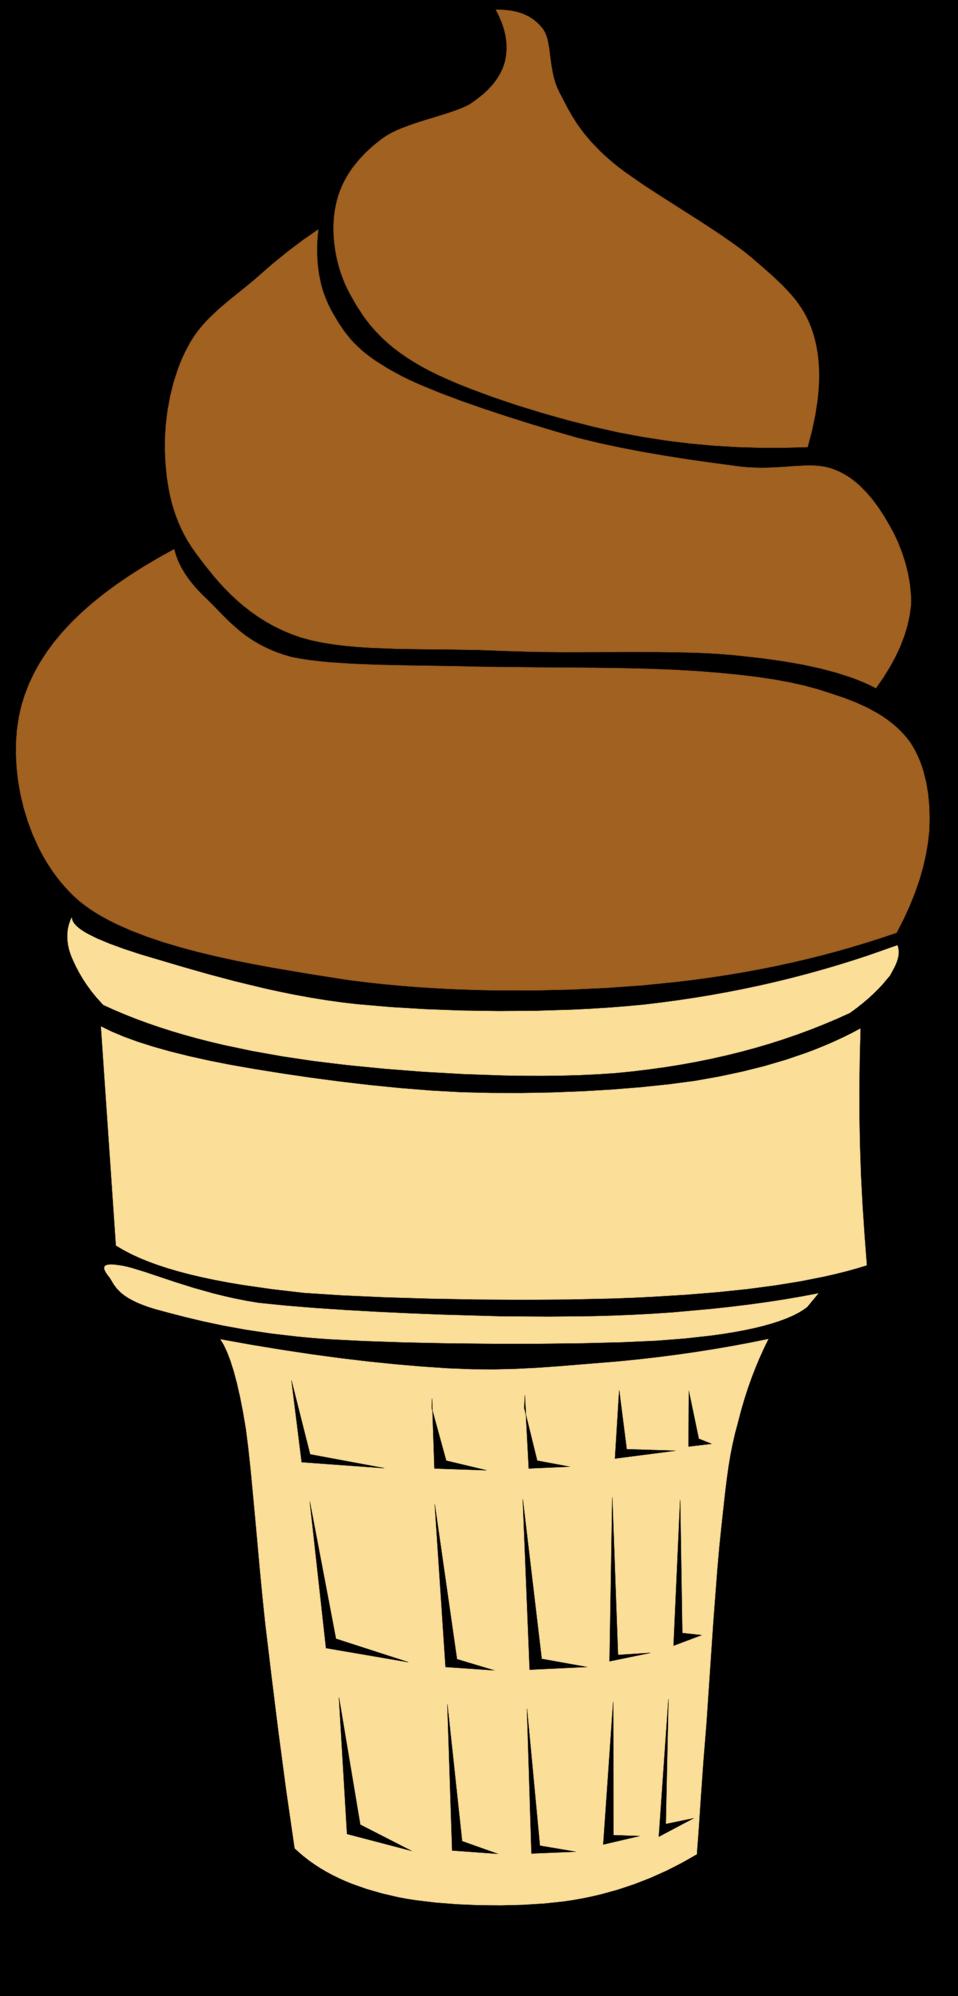 public domain clip art image fast food desserts ice cream cones rh publicdomainfiles com ice cream clip art free download ice cream clip art border